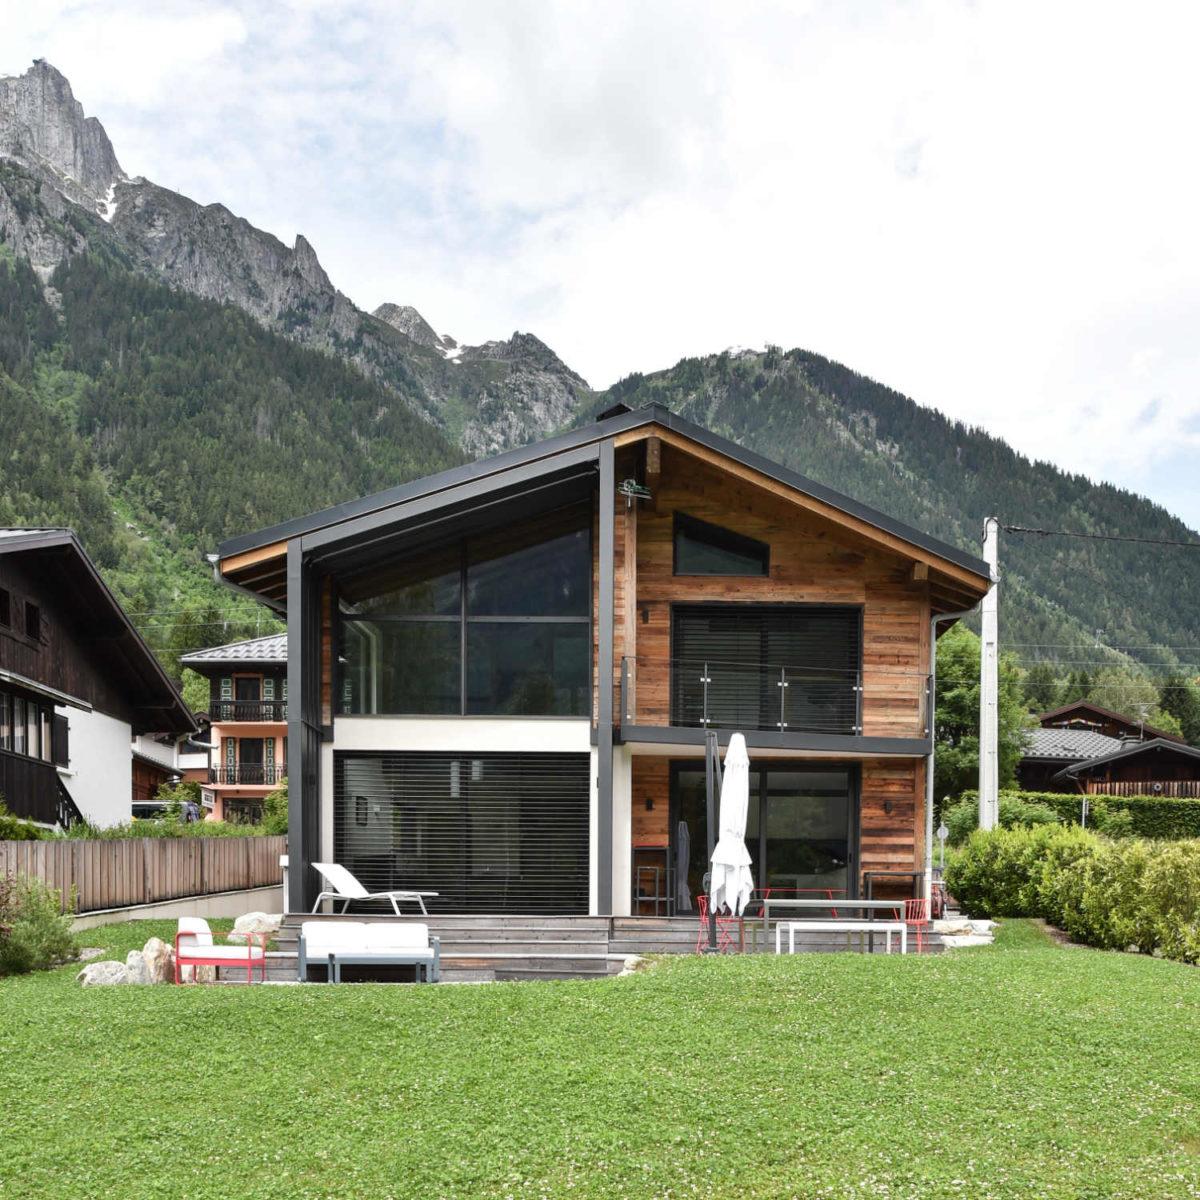 https://chevallier-architectes.fr/content/uploads/2019/07/Chalet-Beker47-1200x1200.jpg